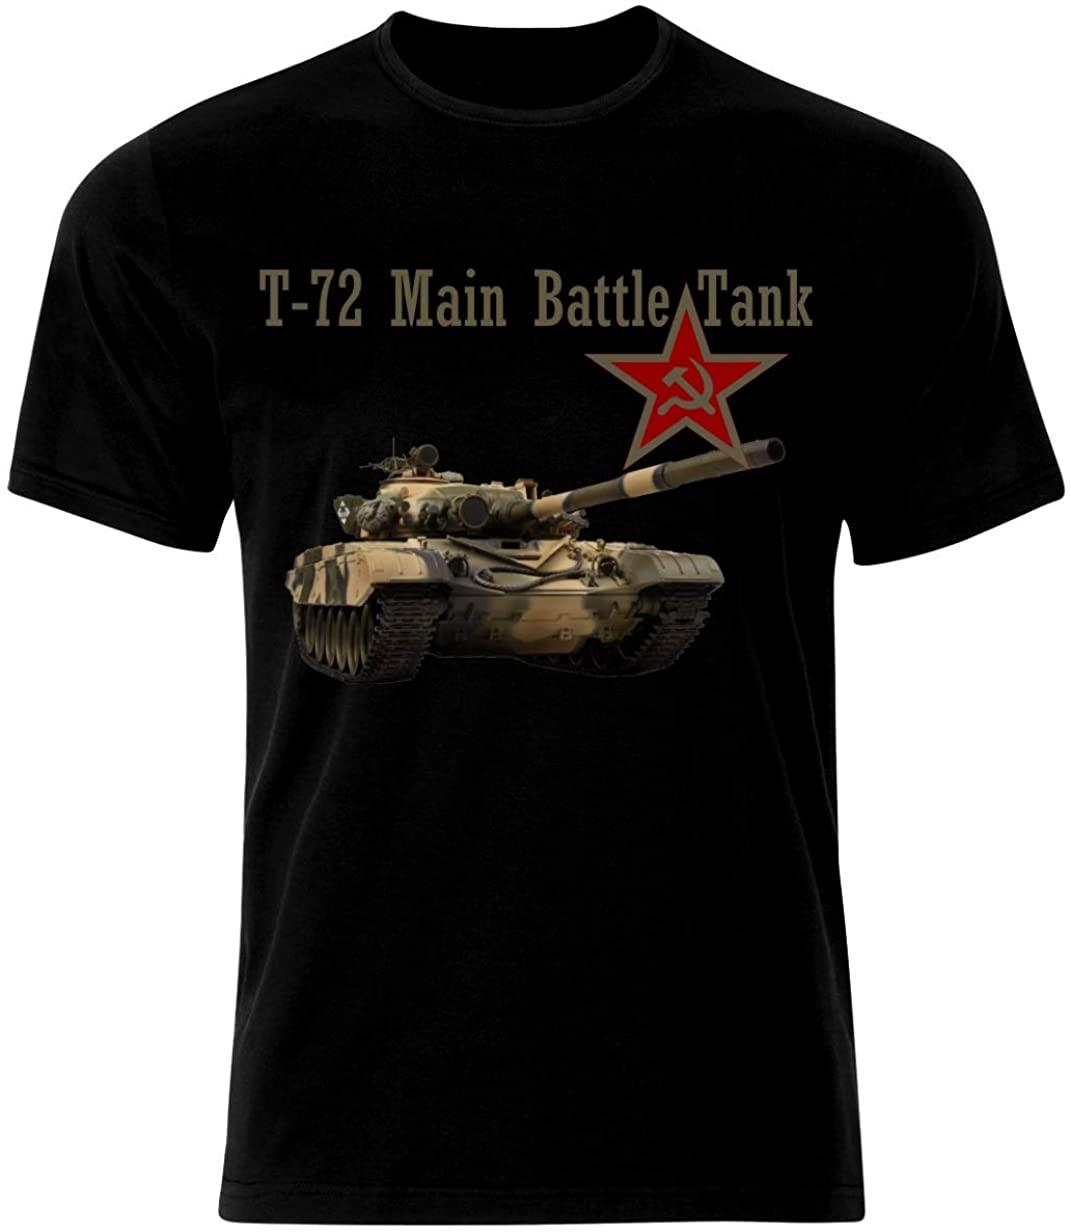 T-72 tanque de batalha principal t-camisa soviética guerra fria equipamento militar algodão o pescoço manga curta t camisa masculina novo tamanho S-3XL